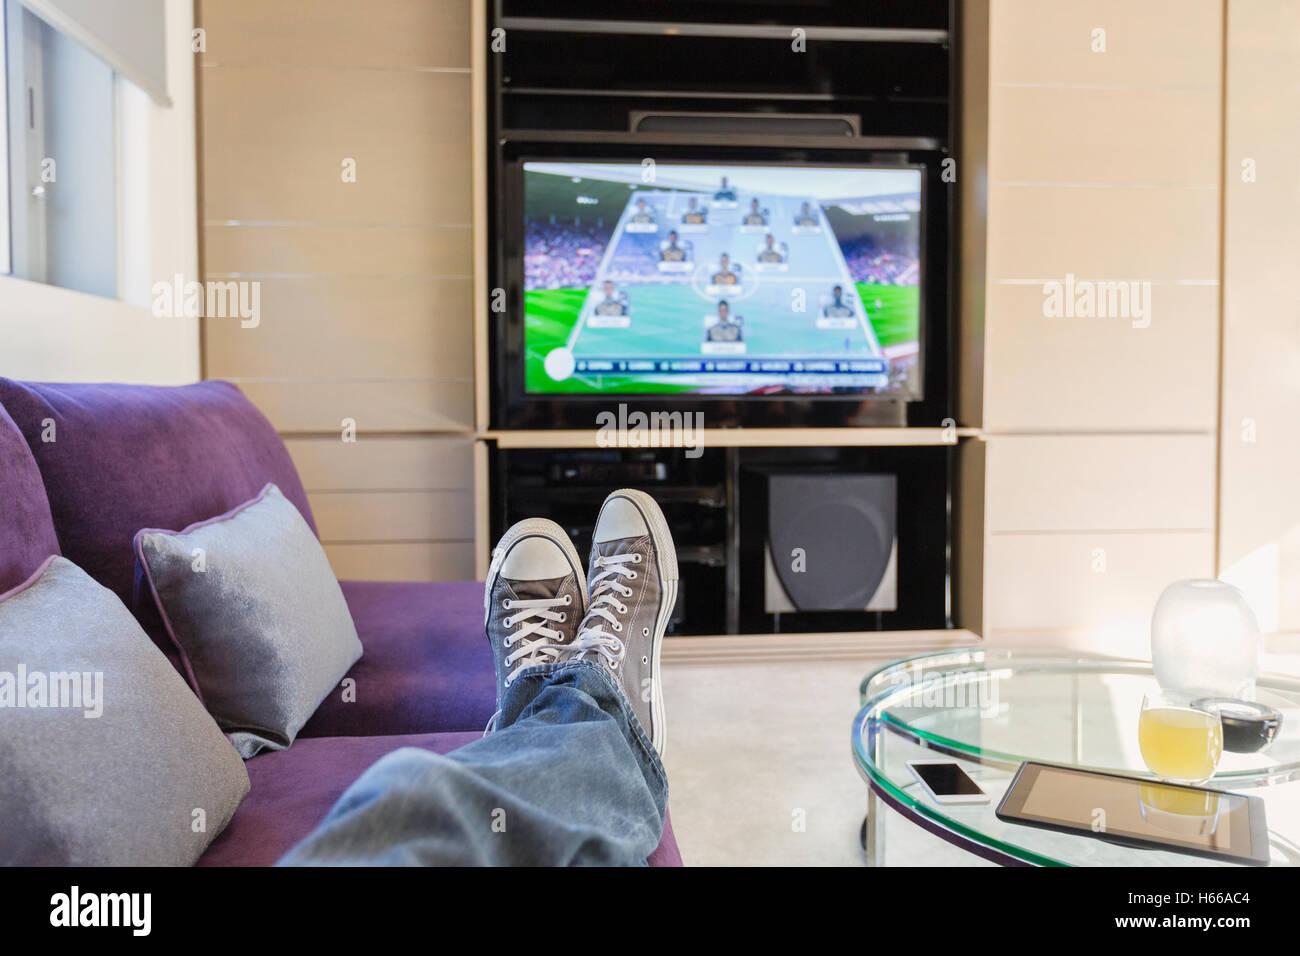 Perspectiva Pessoal Homem Com P S At Assistir A Jogos De Futebol Na  -> Sala De Tv E Jogos